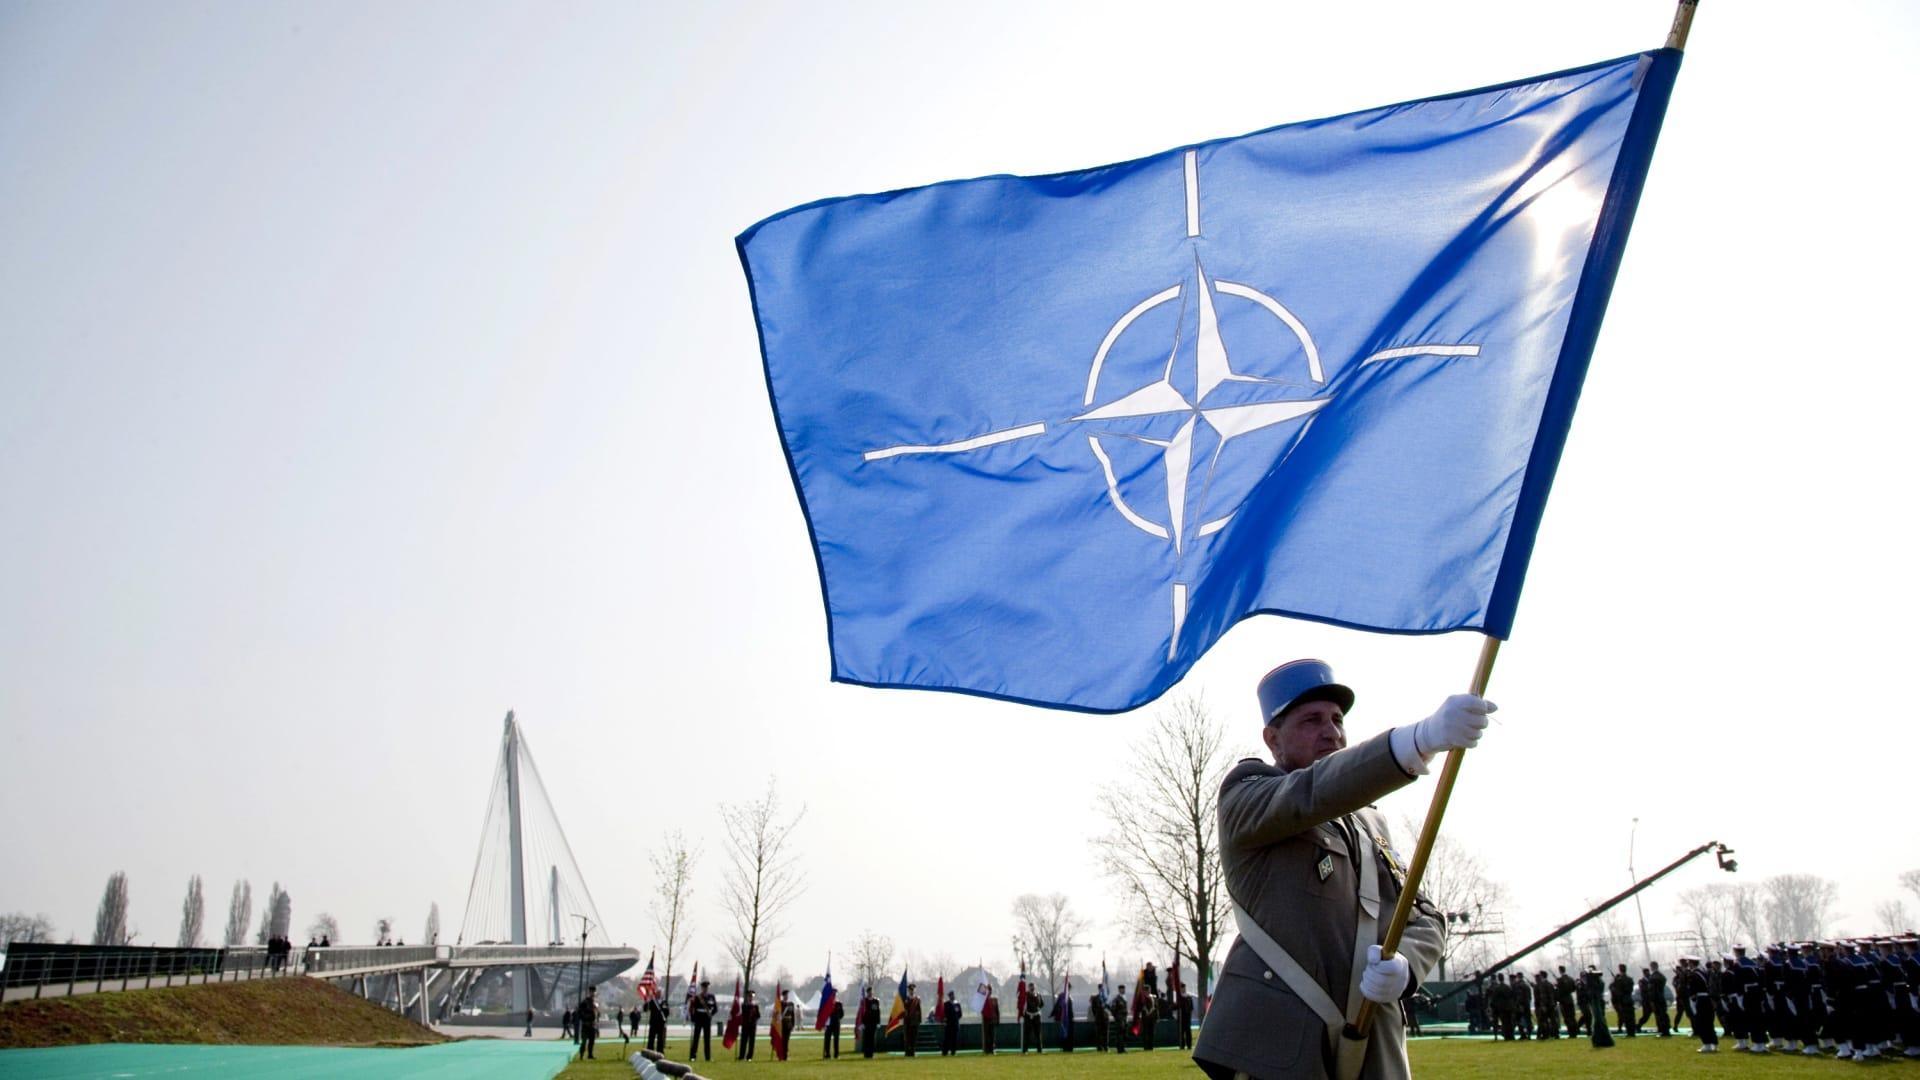 ما حجم الإنفاق العسكري لدول حلف الناتو؟